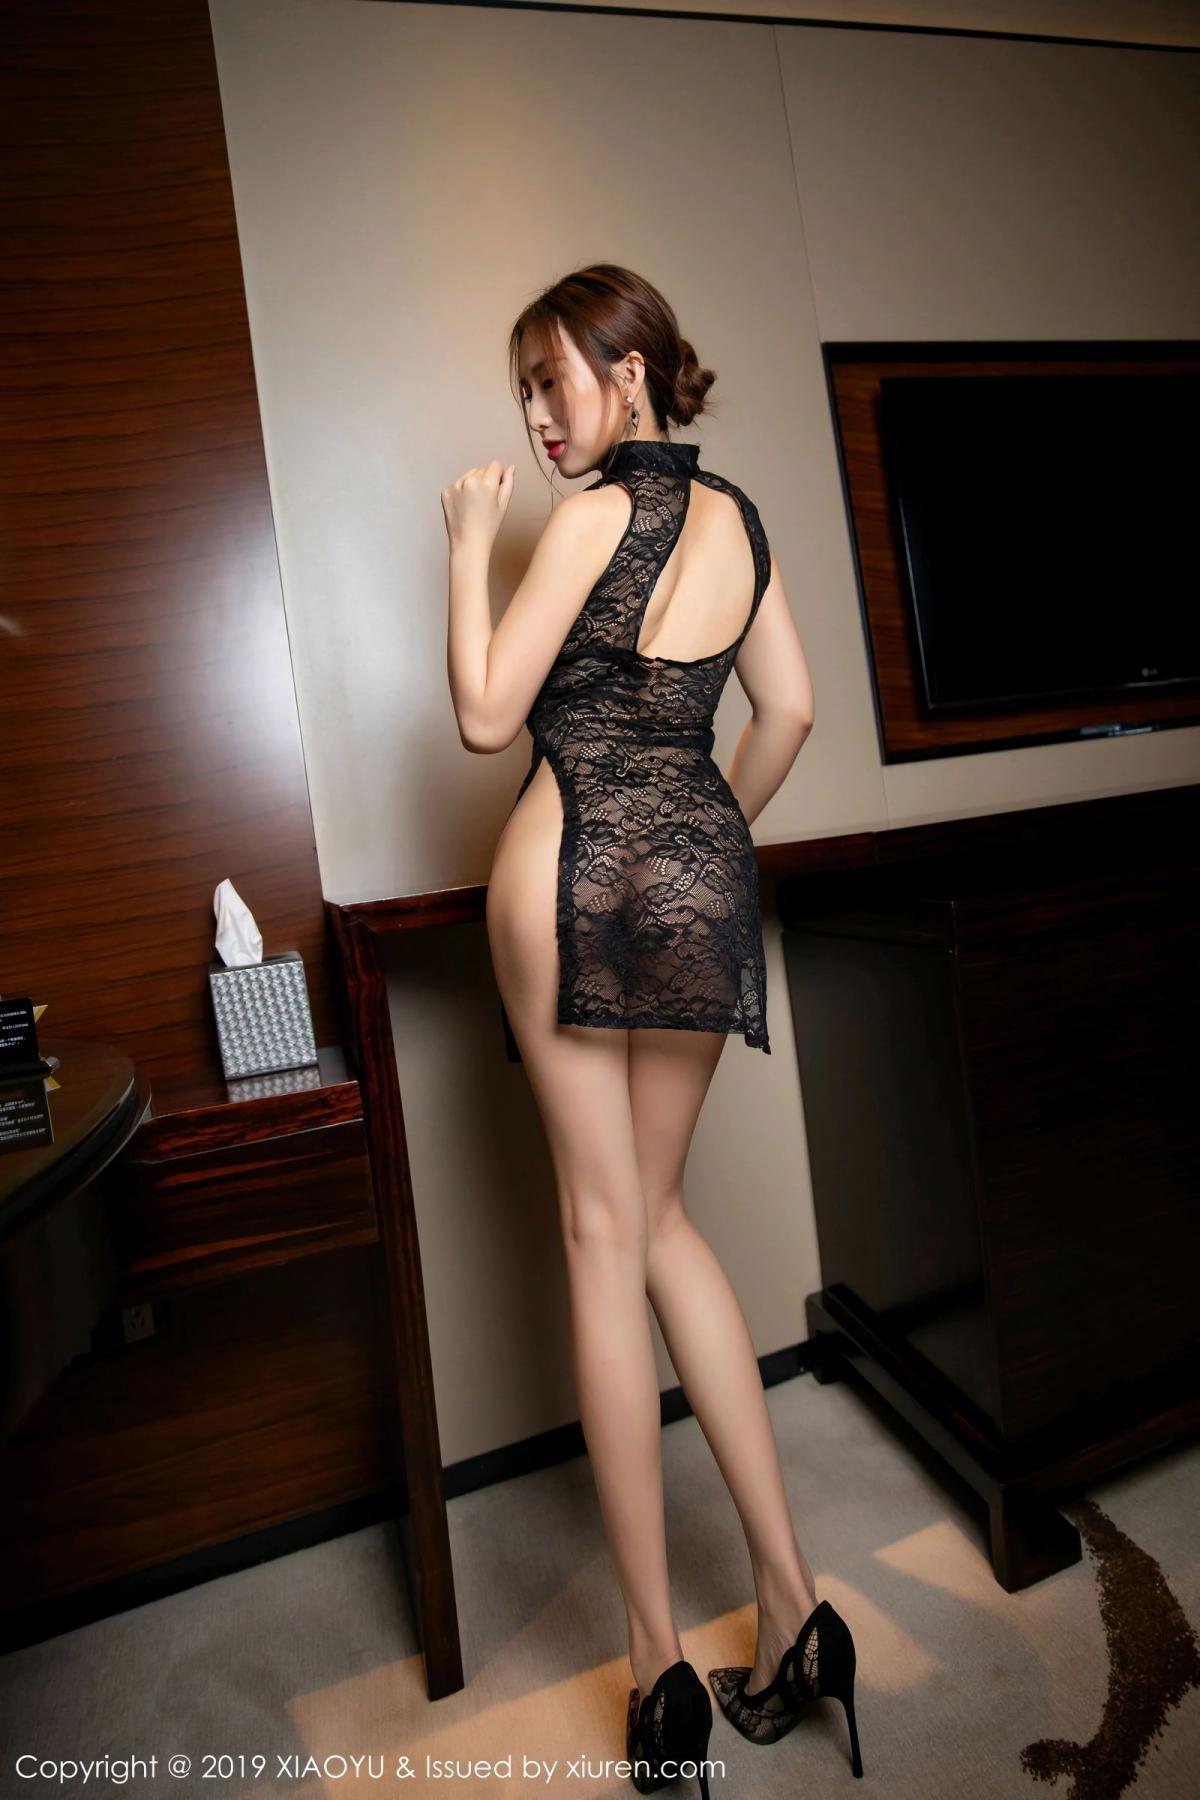 [XiaoYu] Vol.108 Yue Yin Tong 15P, Underwear, XiaoYu, Yue Yin Tong